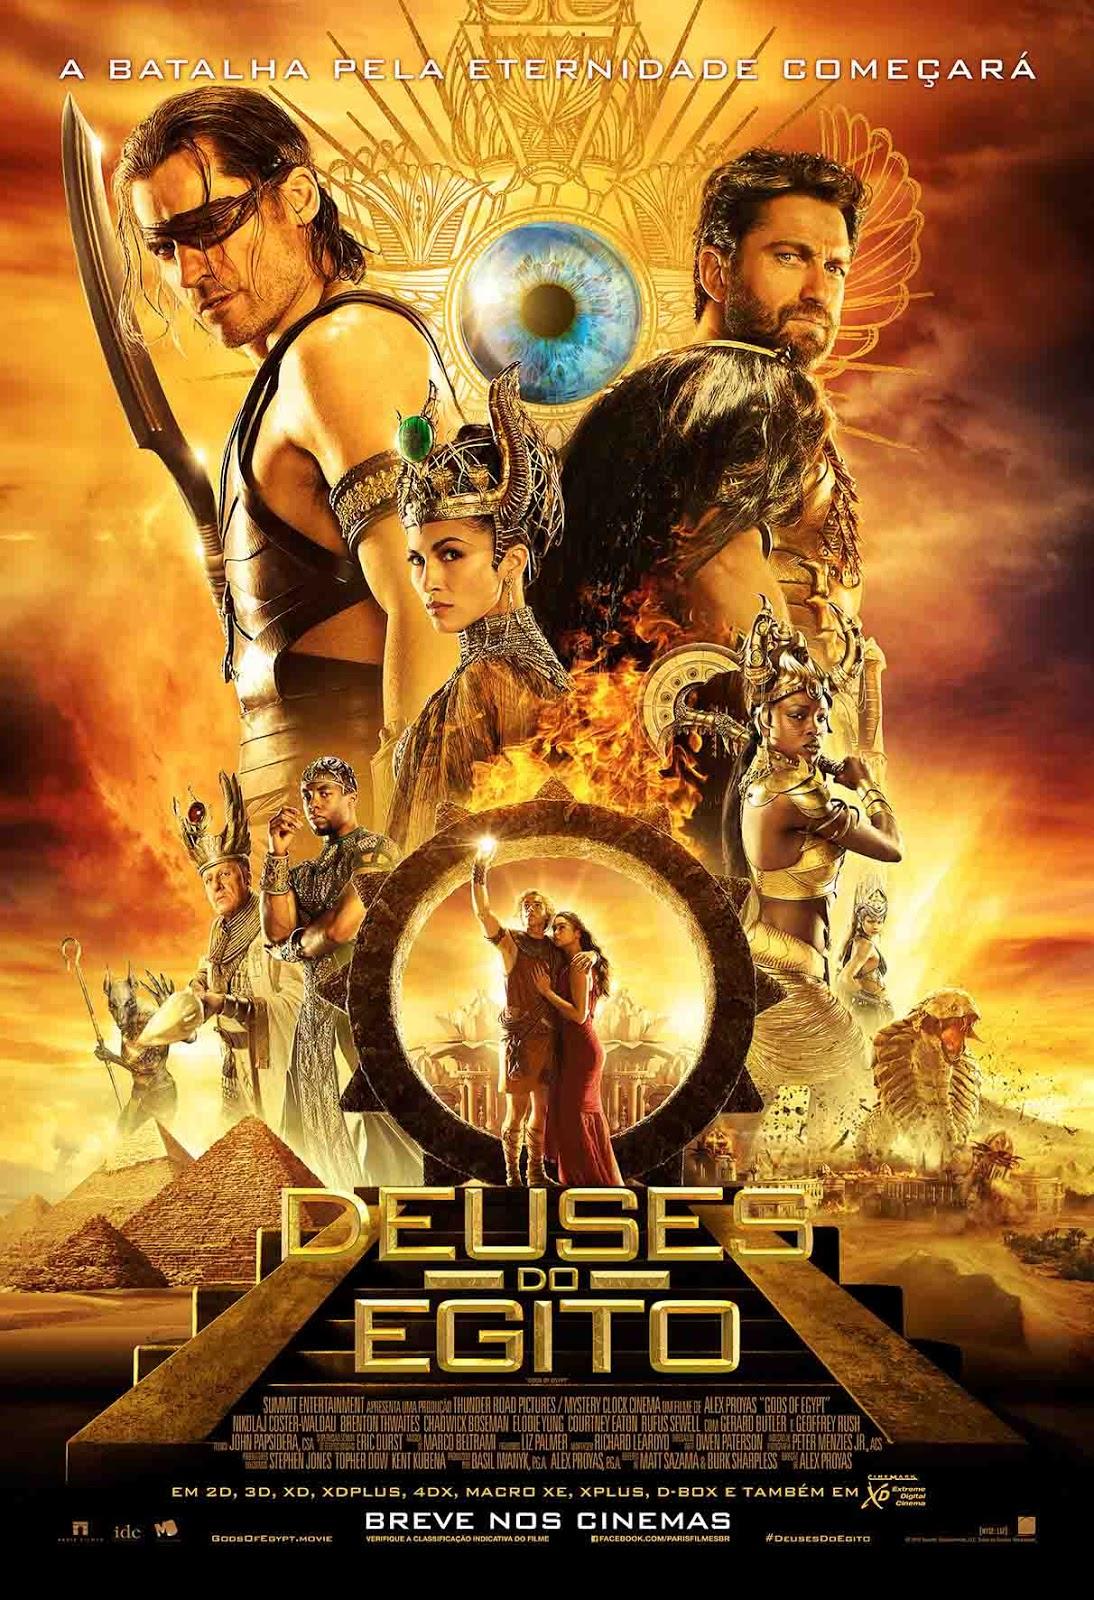 Deuses do Egito 3D Torrent – Blu-ray Rip 1080p Dual Áudio (2016)